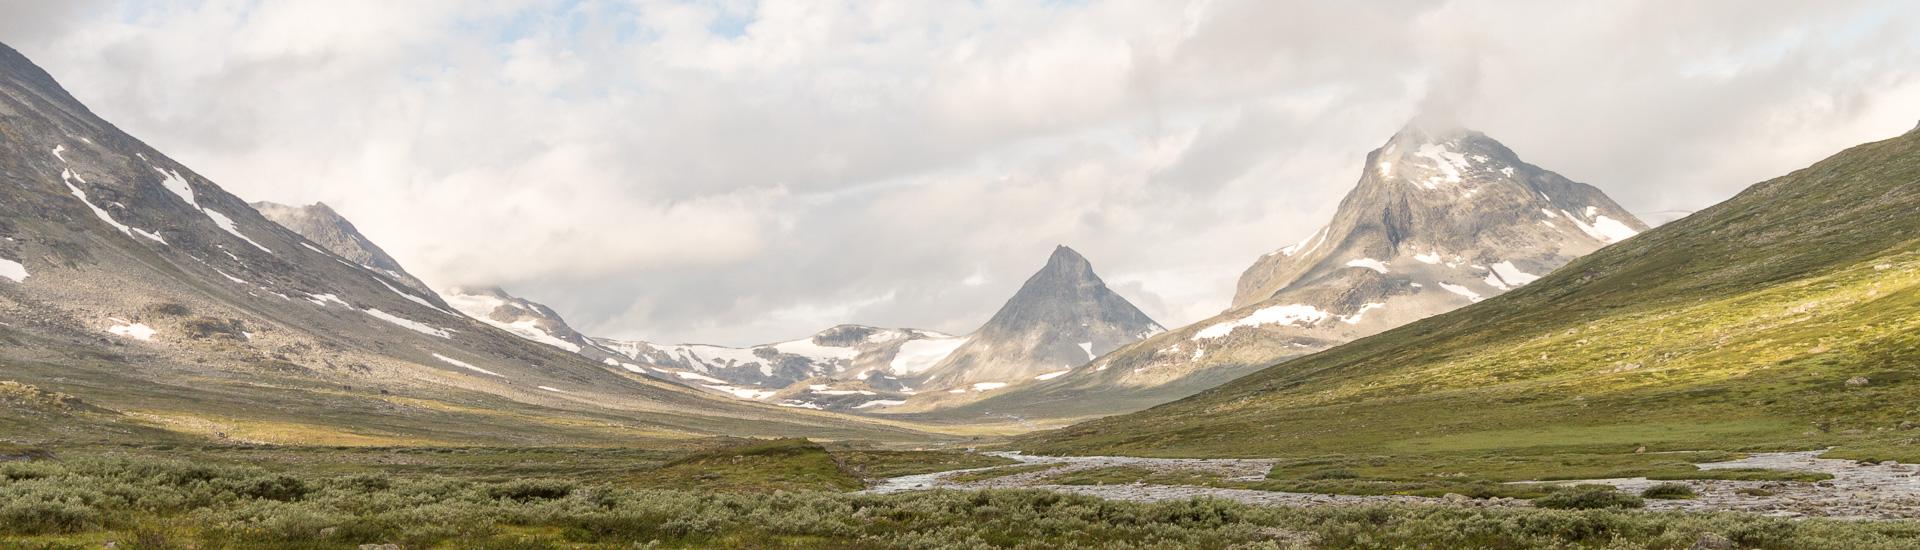 Jotunheimen 2014